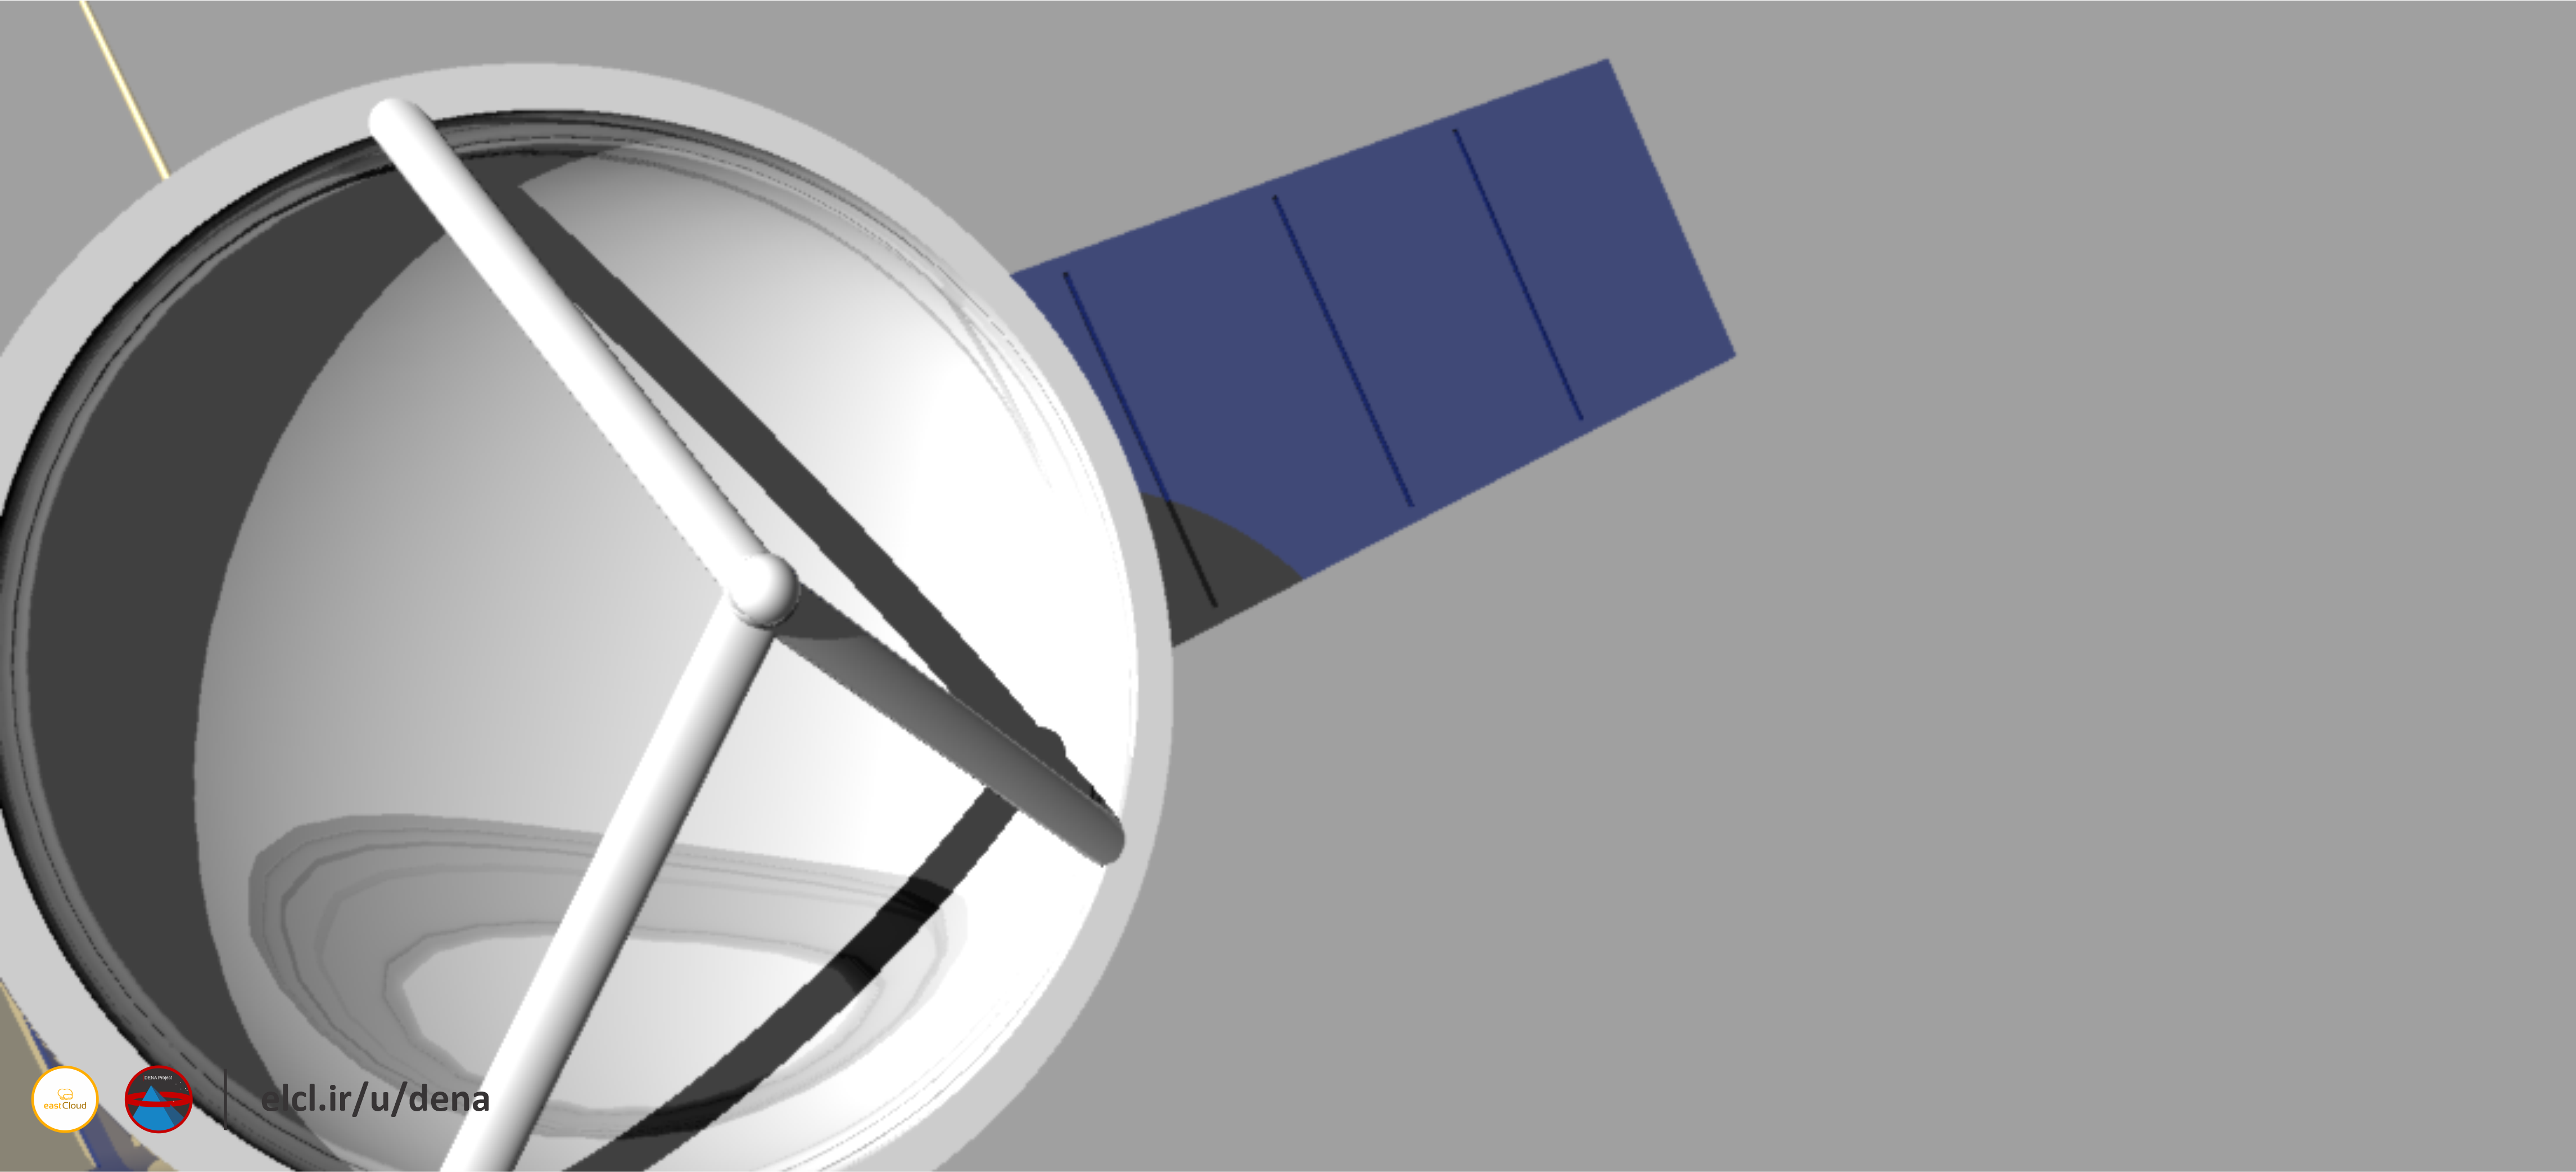 علاقه مندان به ساخت ماهواره بشتابید!